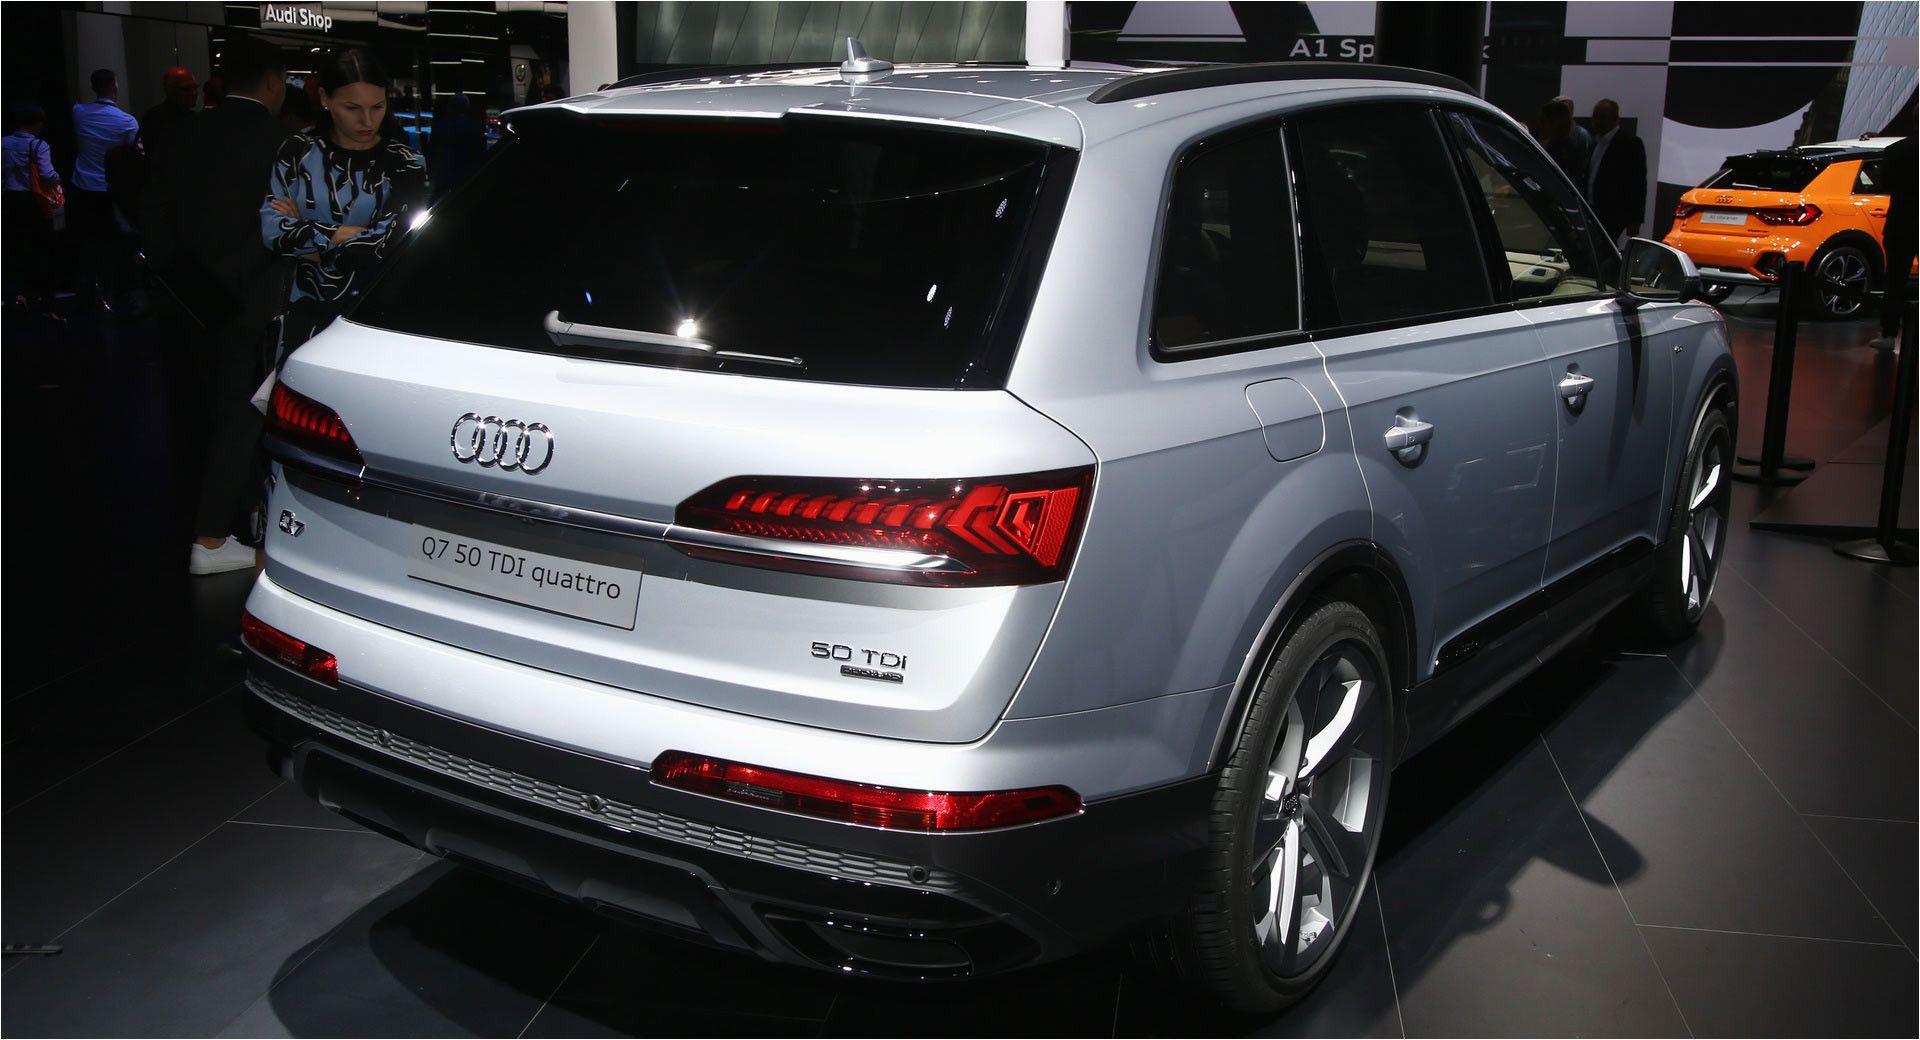 Audi Q7 2020 Release Date Di 2020